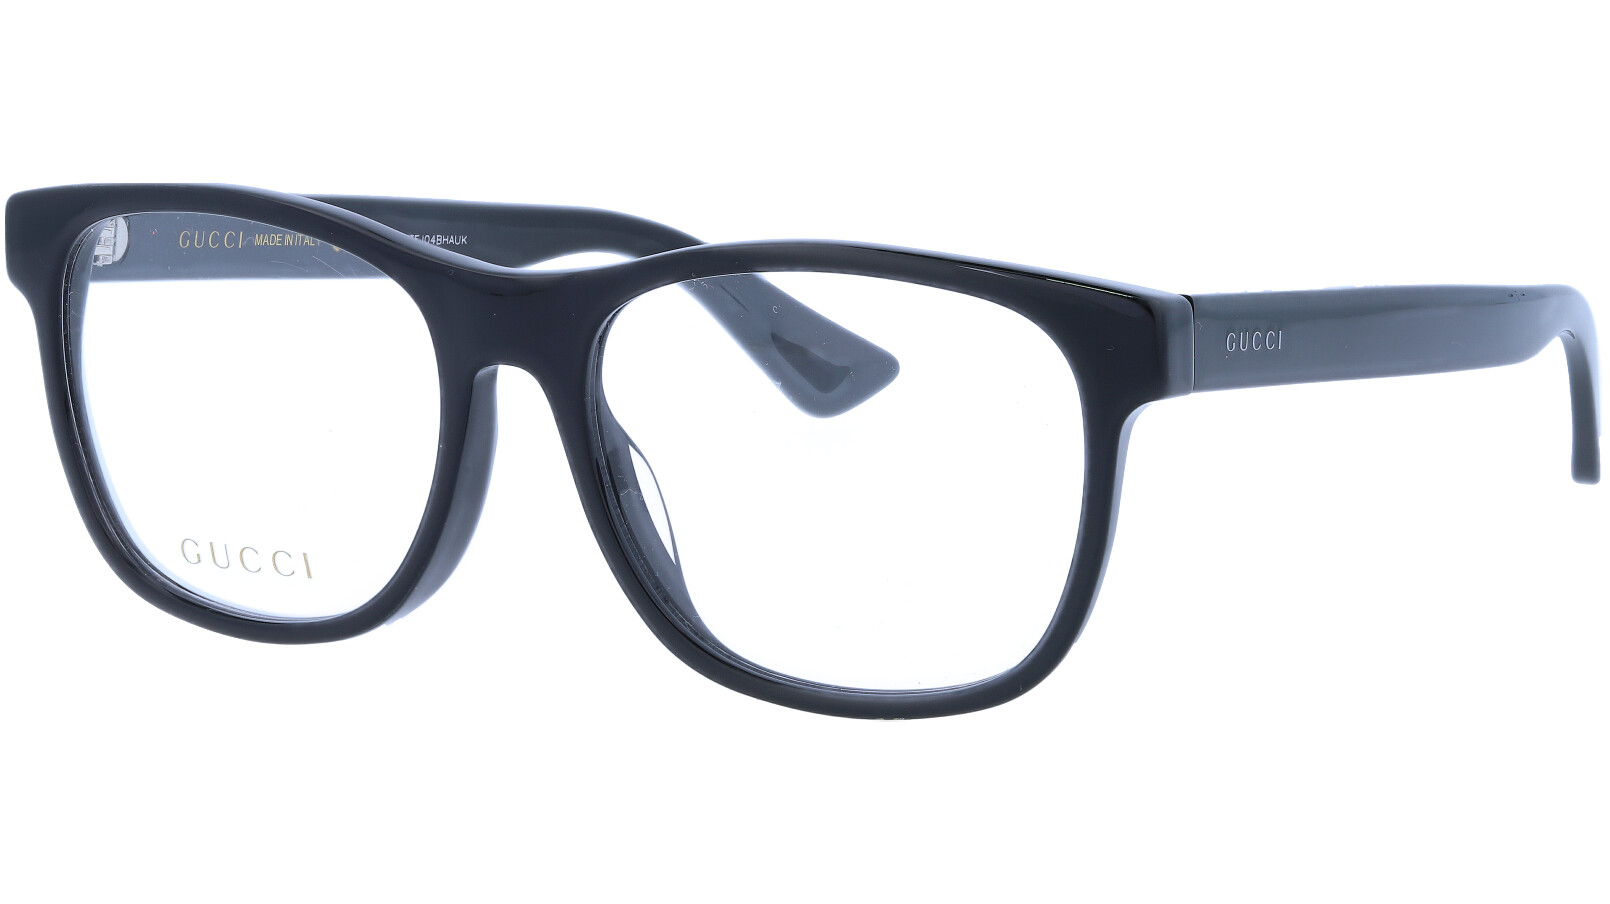 GUCCI GG0004OA 001 55 BLACK Glasses